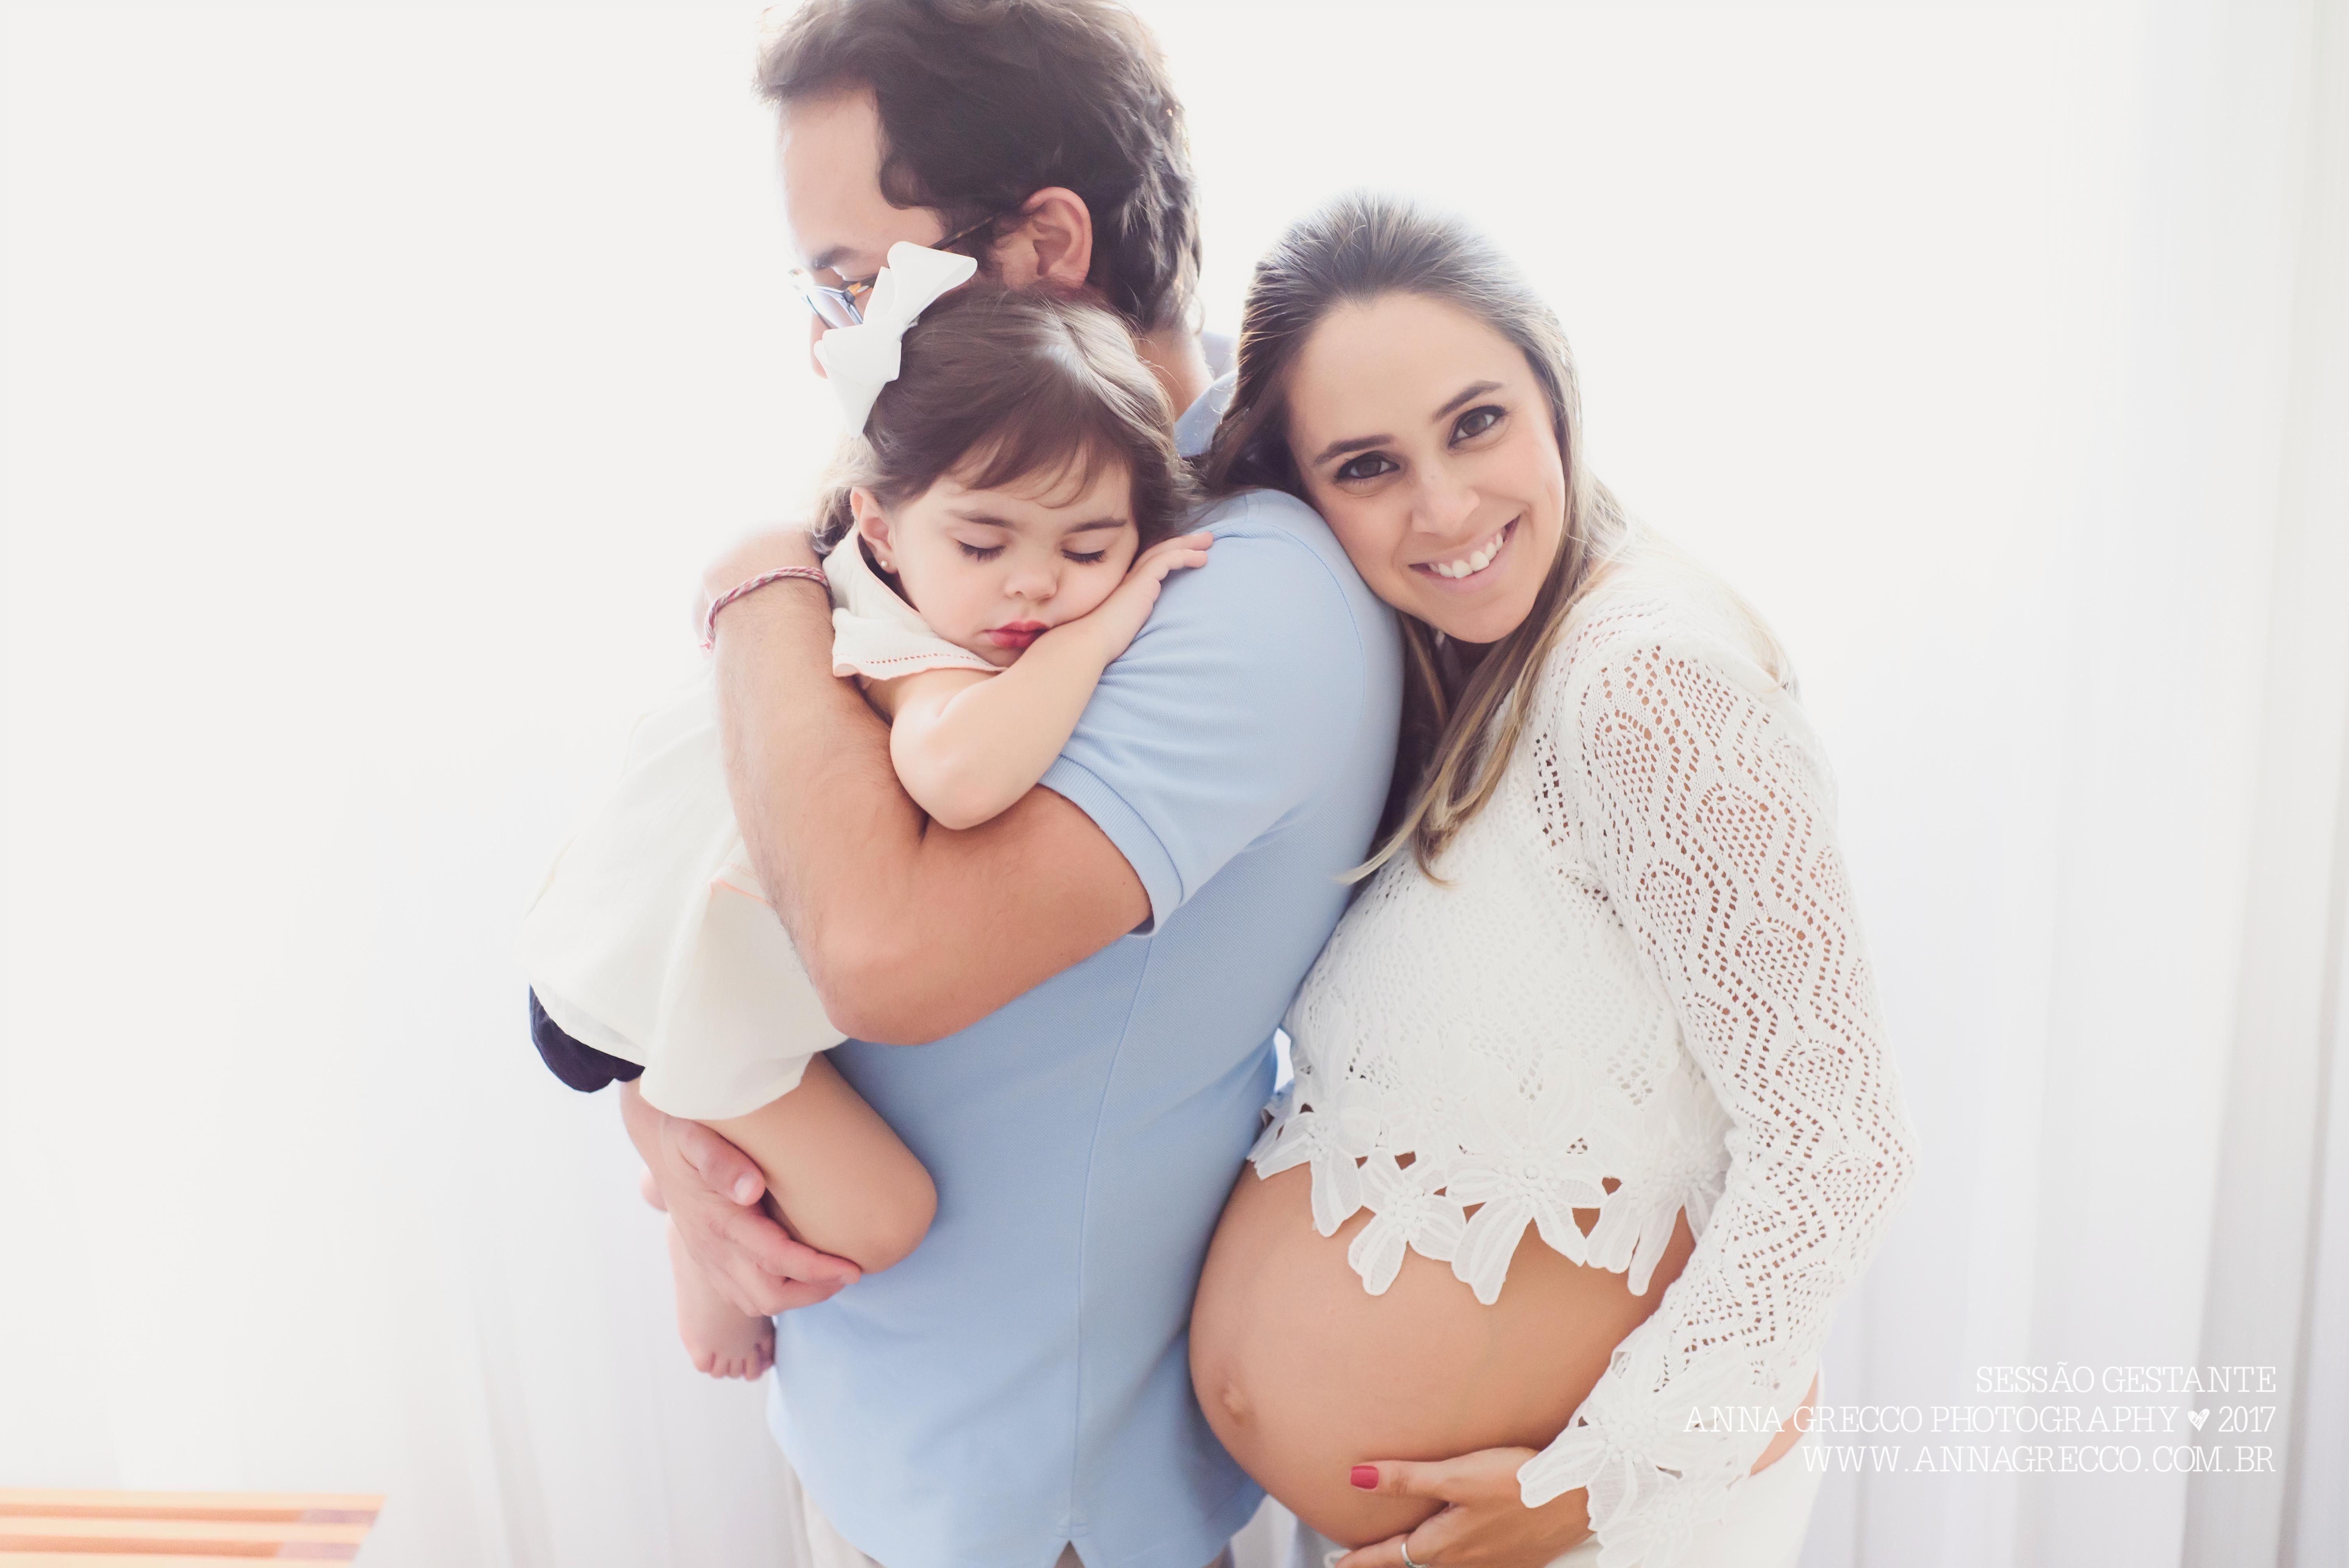 Fotografa de famílias em Campinas e região